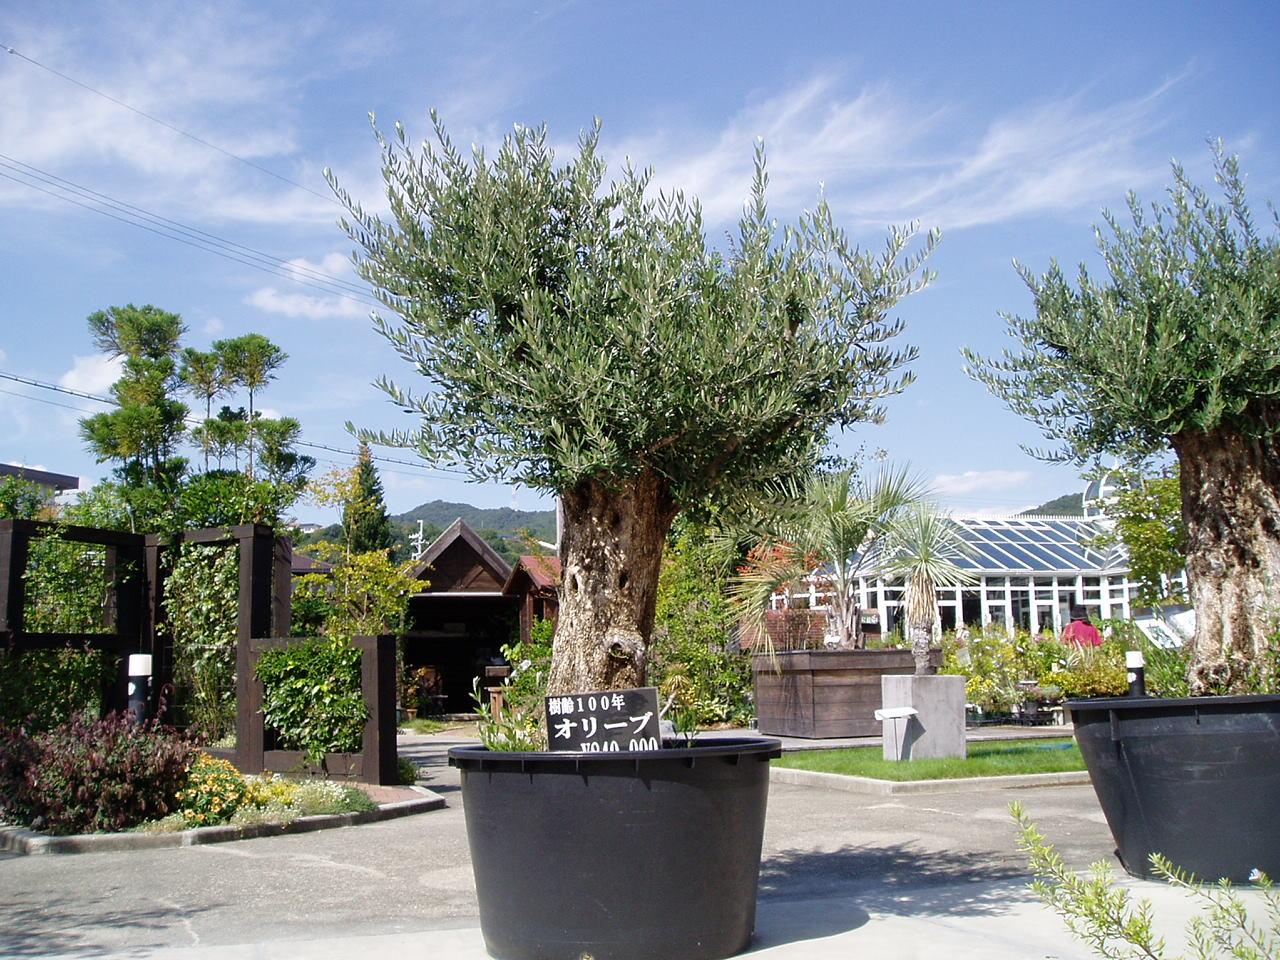 田中哲司が植物好きの理由とは?仲間由紀恵に「オリーブの木を買いたい!」